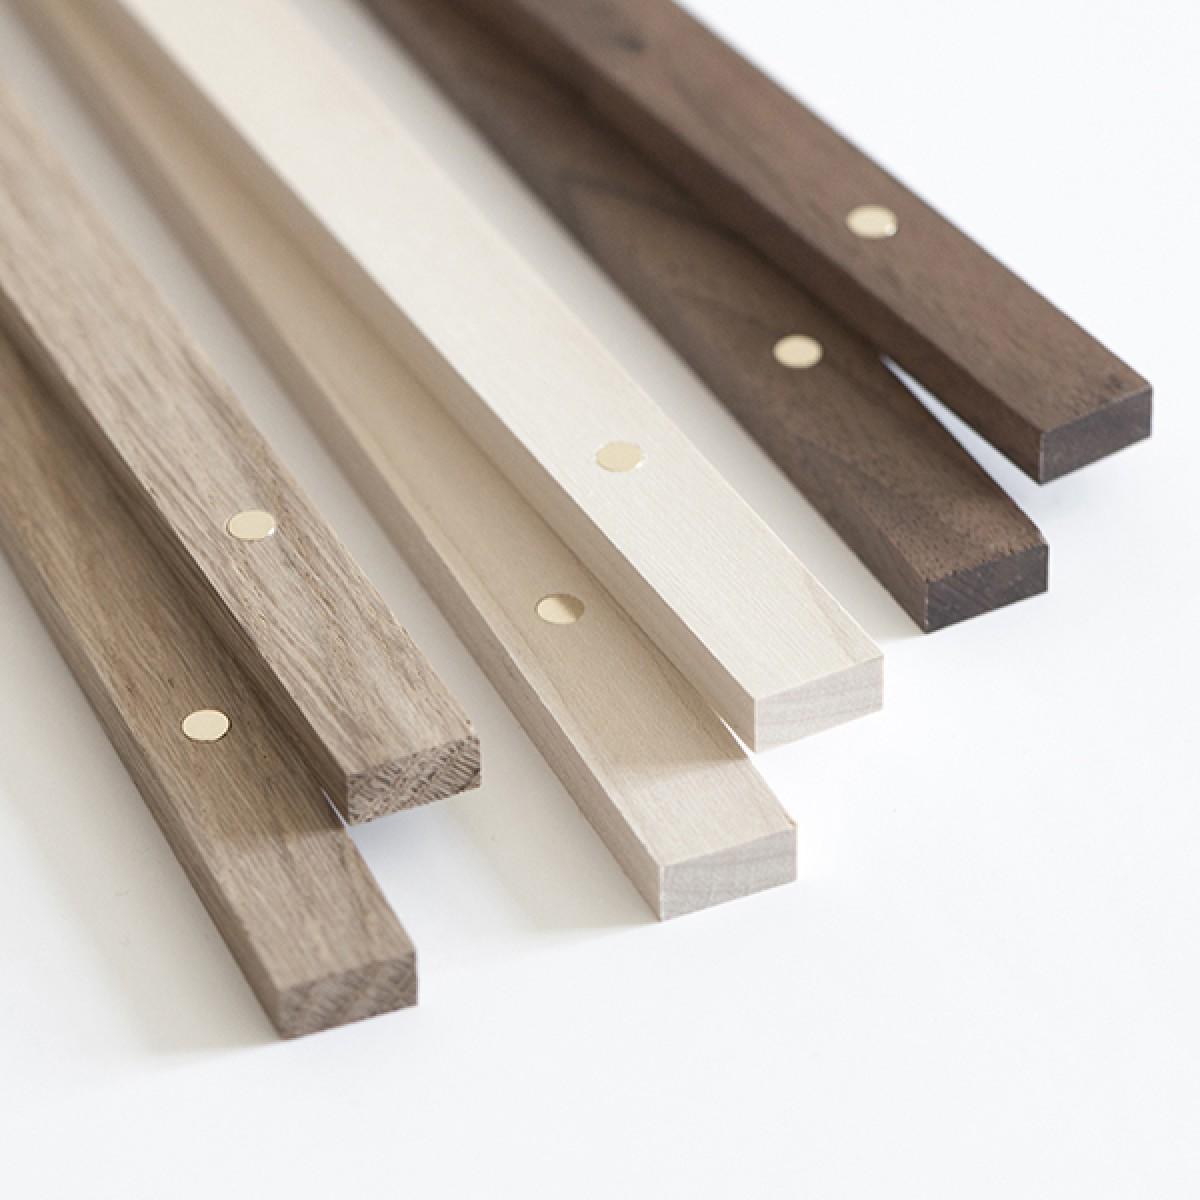 magnetische Posterleiste A1, Eco Click - On - Frame, Rahmen (inkl. Artprint) Holzrahmen in Ahorn, Walnuss, Eiche - Ökologische + faire Herstellung